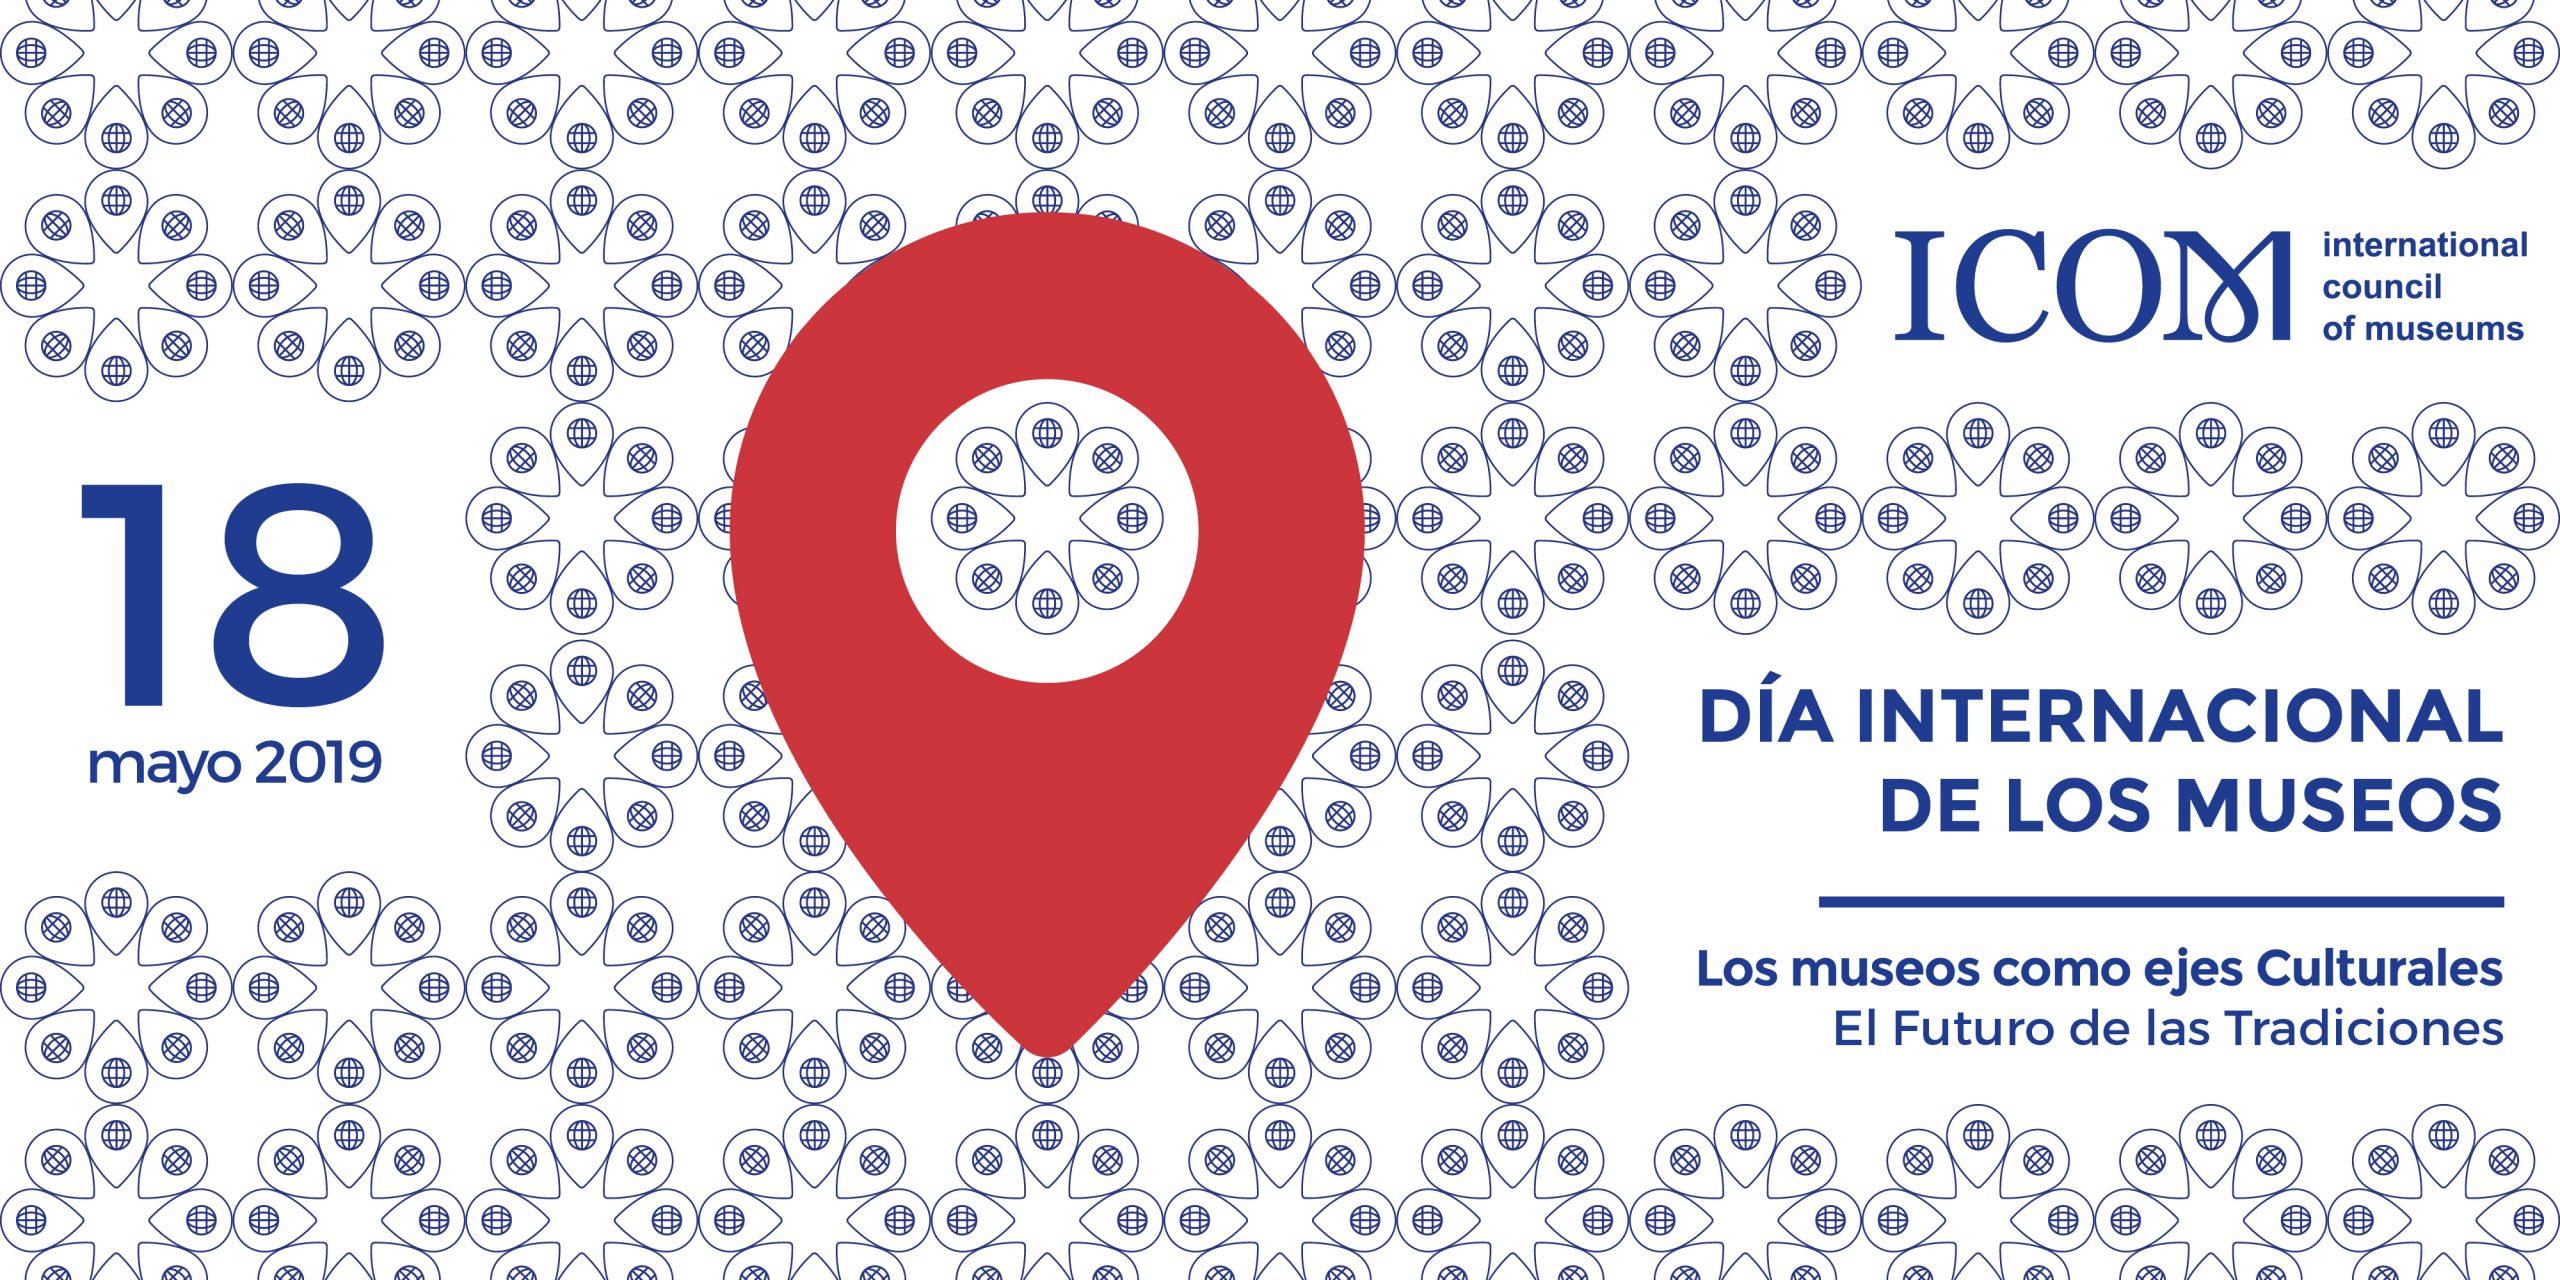 Dia Internacional de los Museos 2019. 18 de mayo.